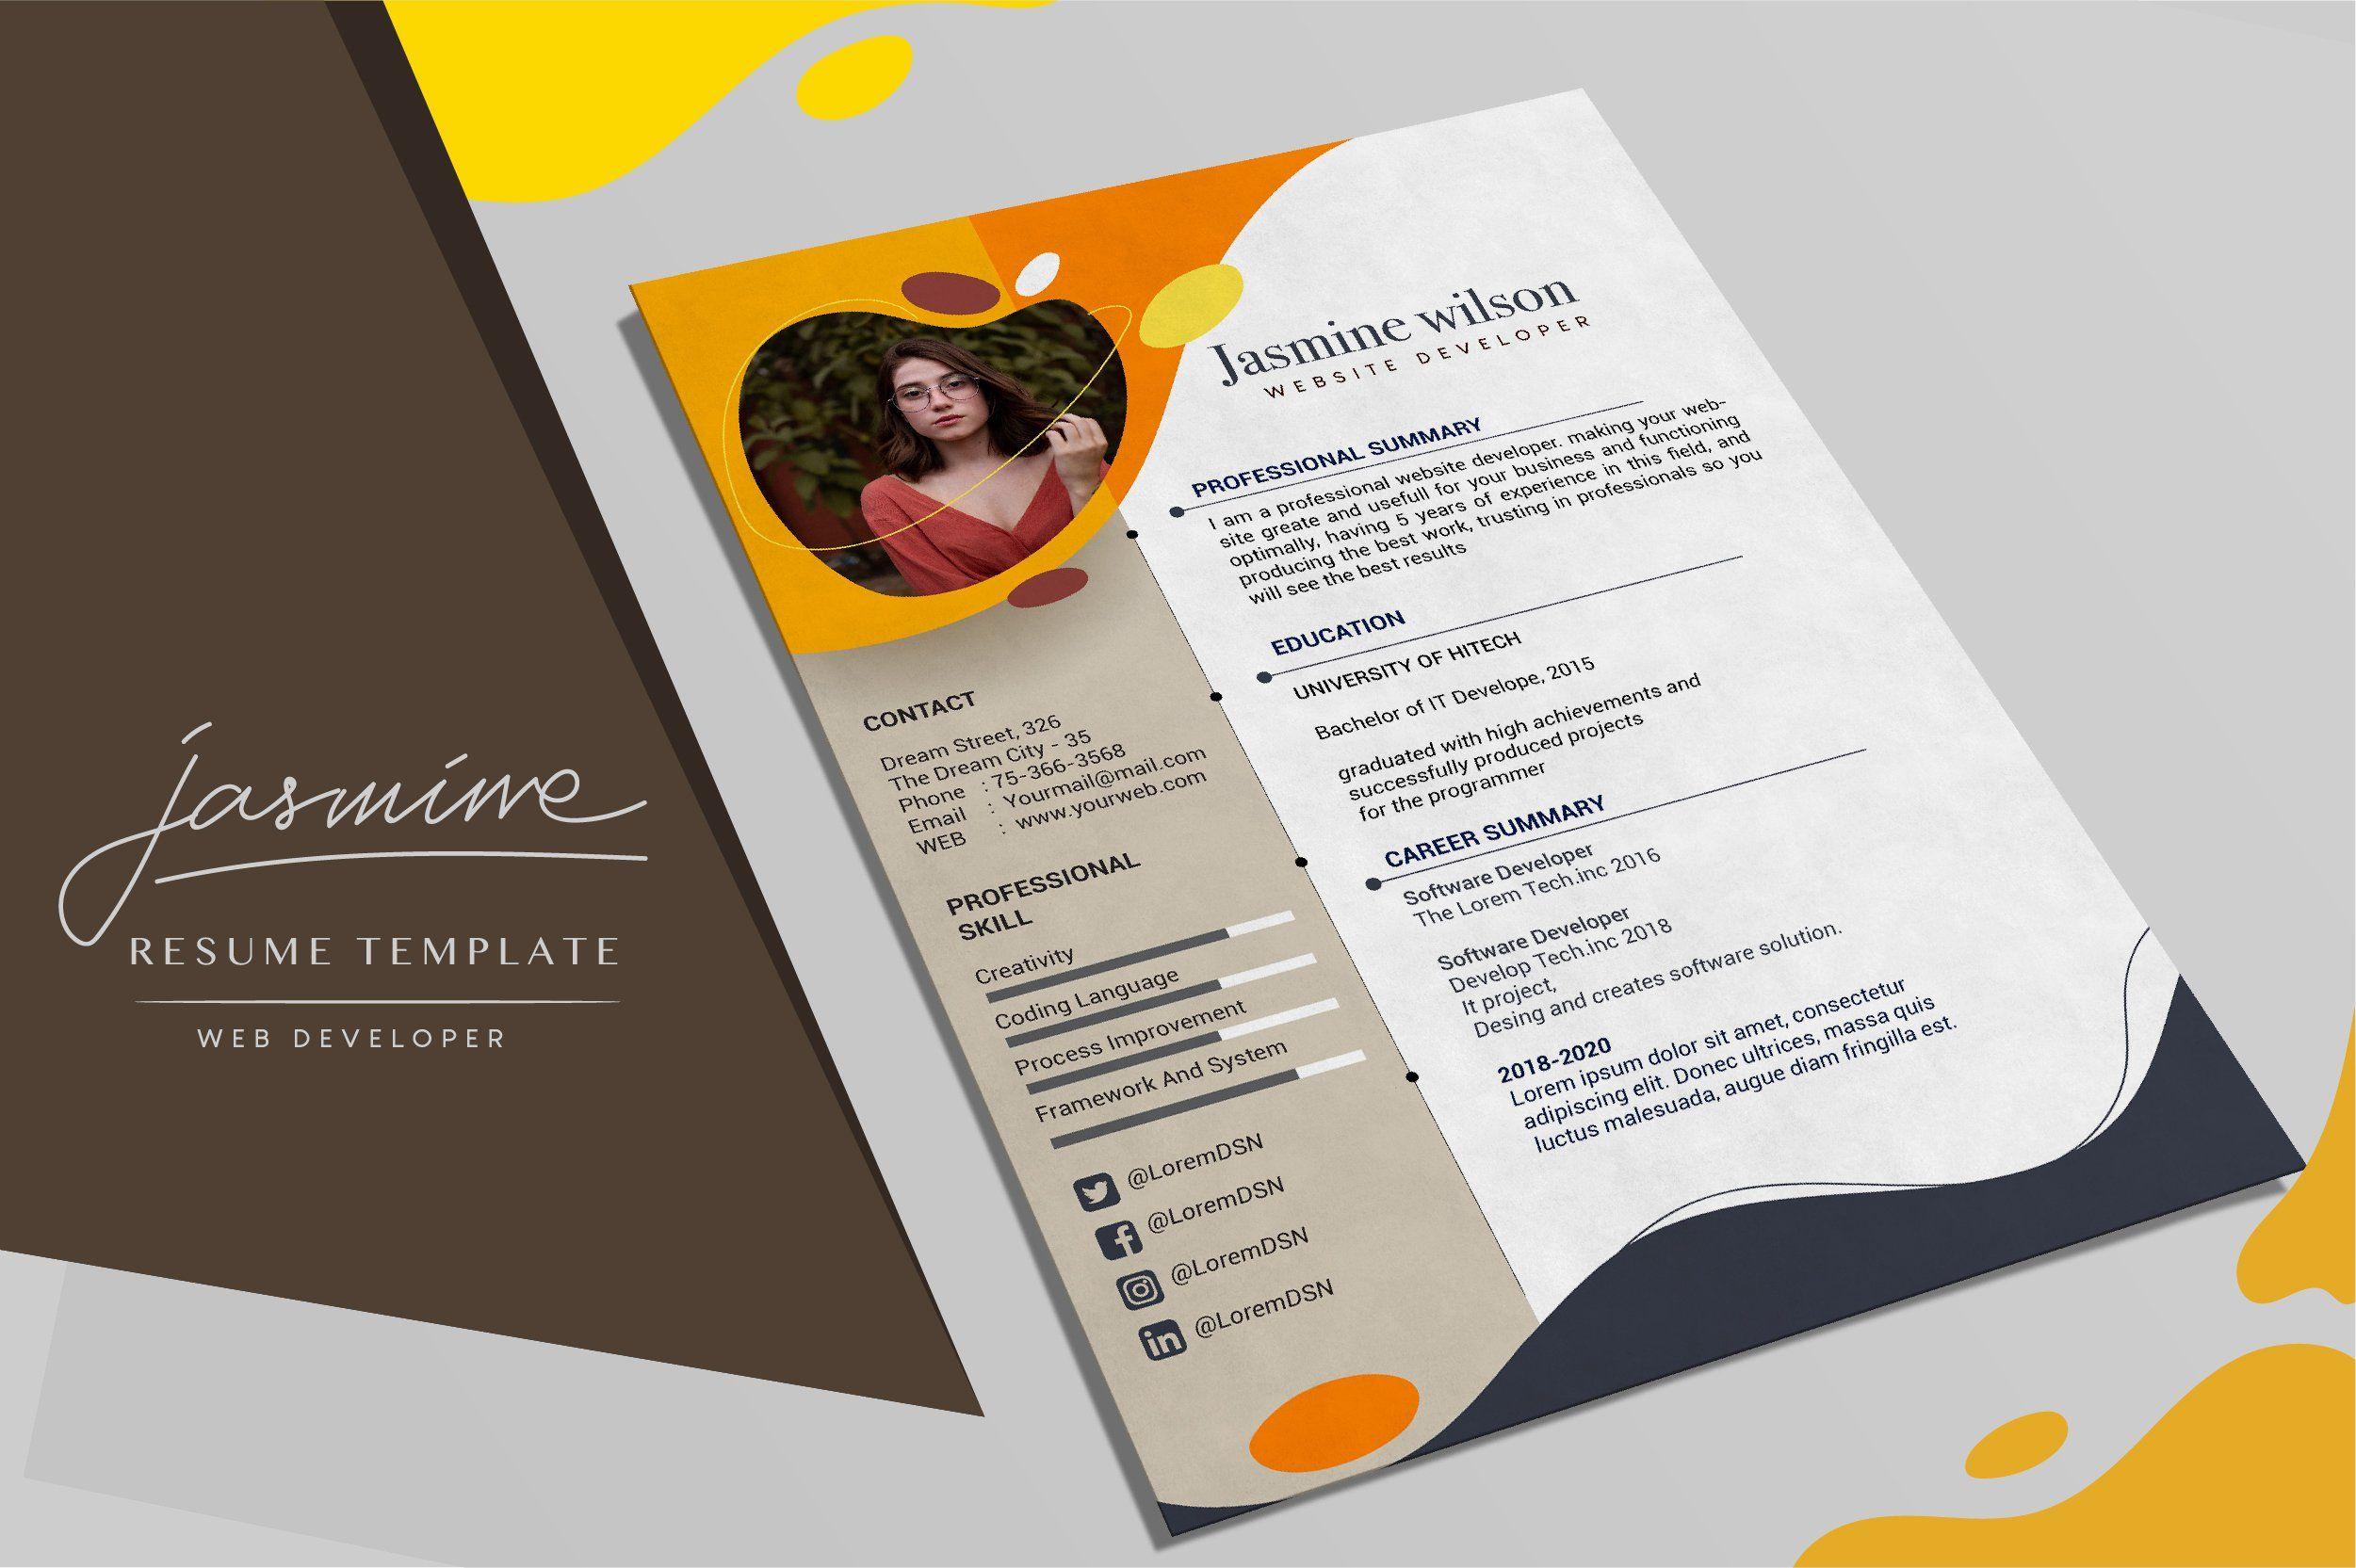 Resume Template Website Developer Resume Template Website Template Resume Design Template